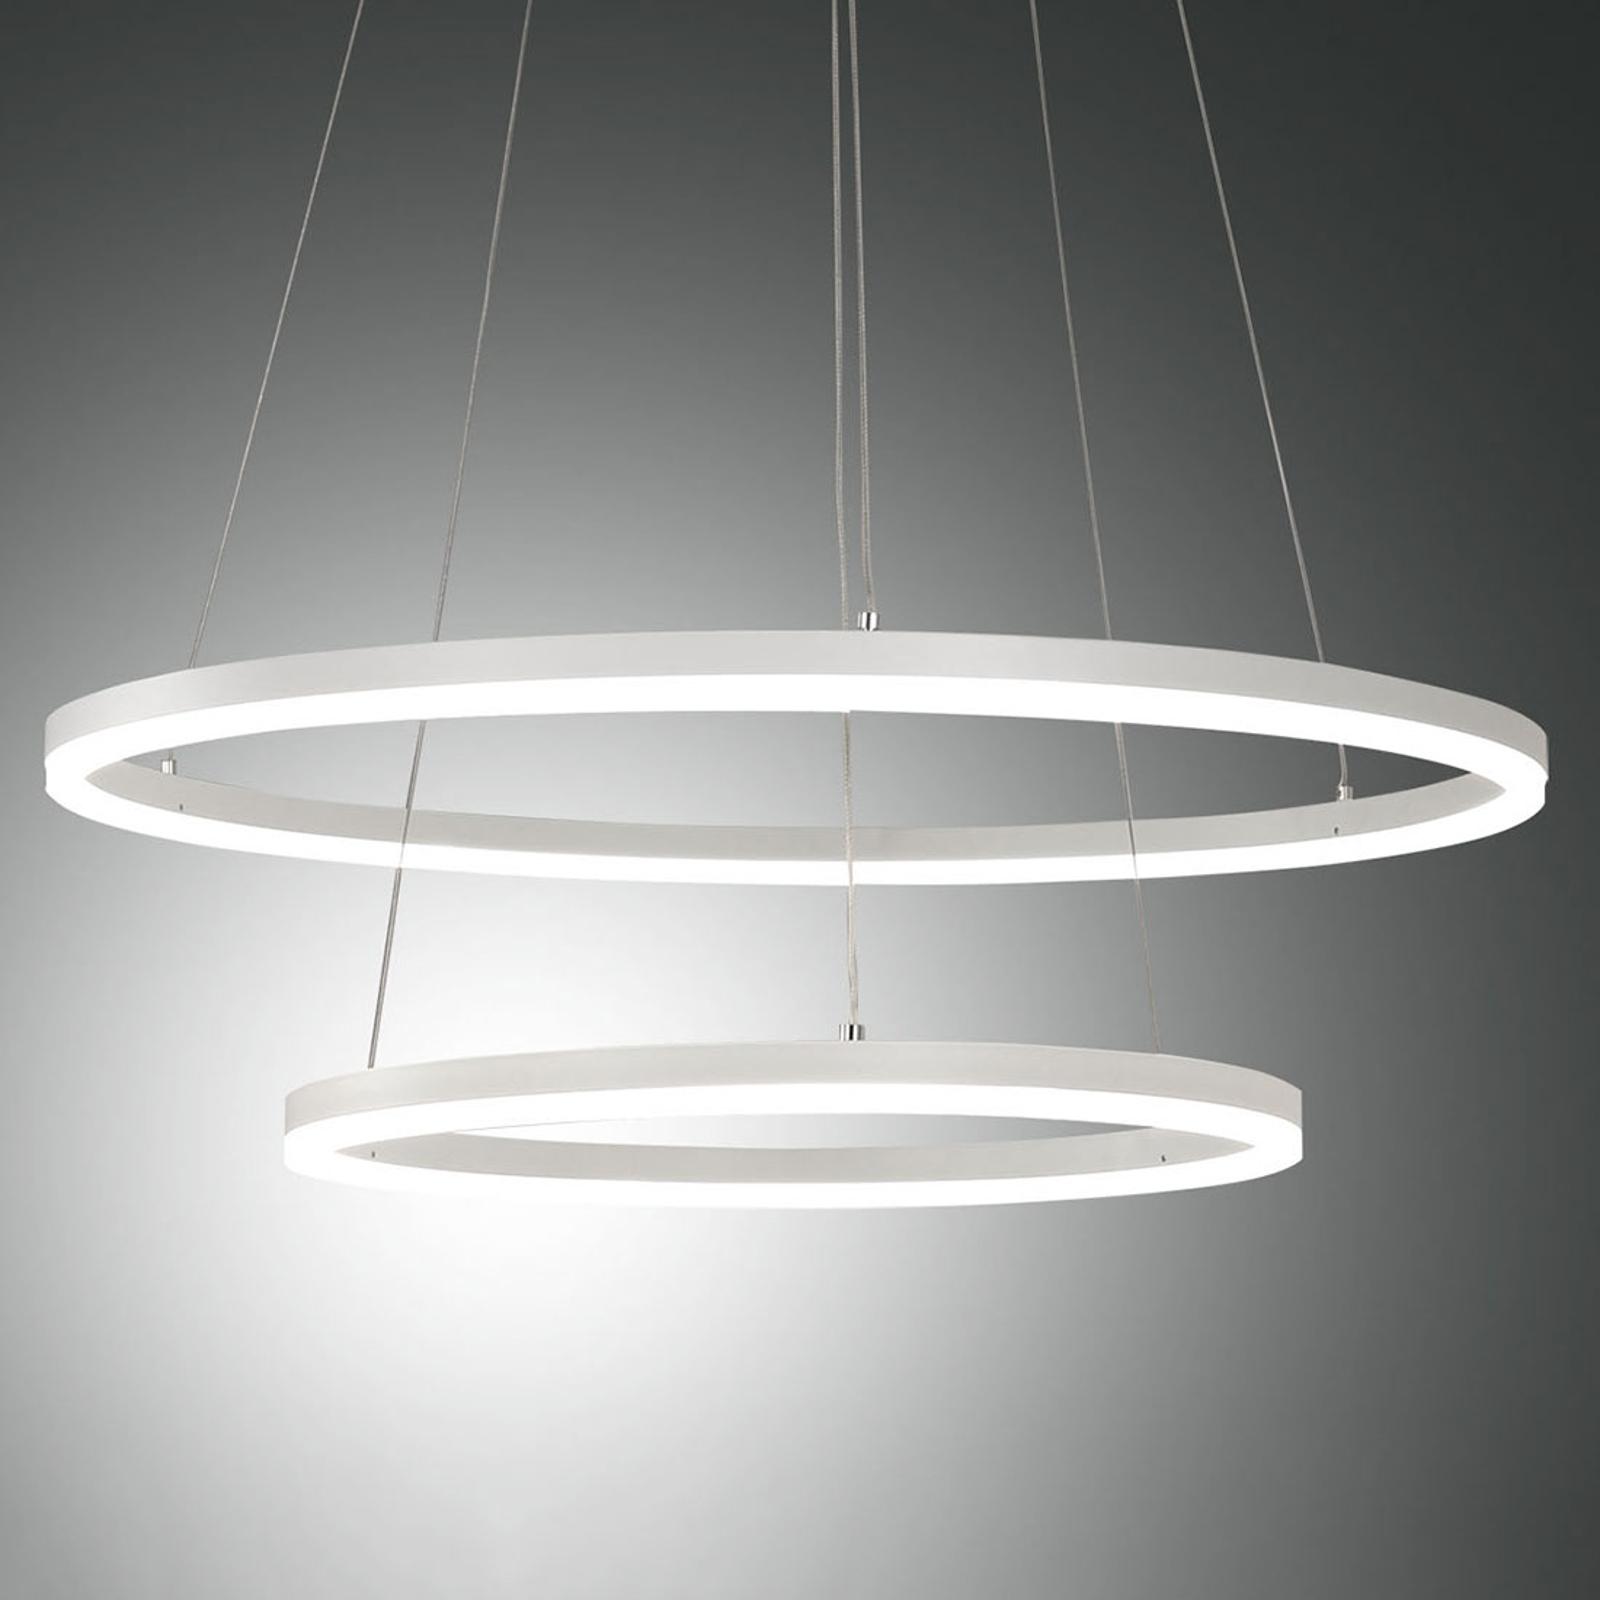 LED-Pendelleuchte Giotto, zweiflammig, weiß